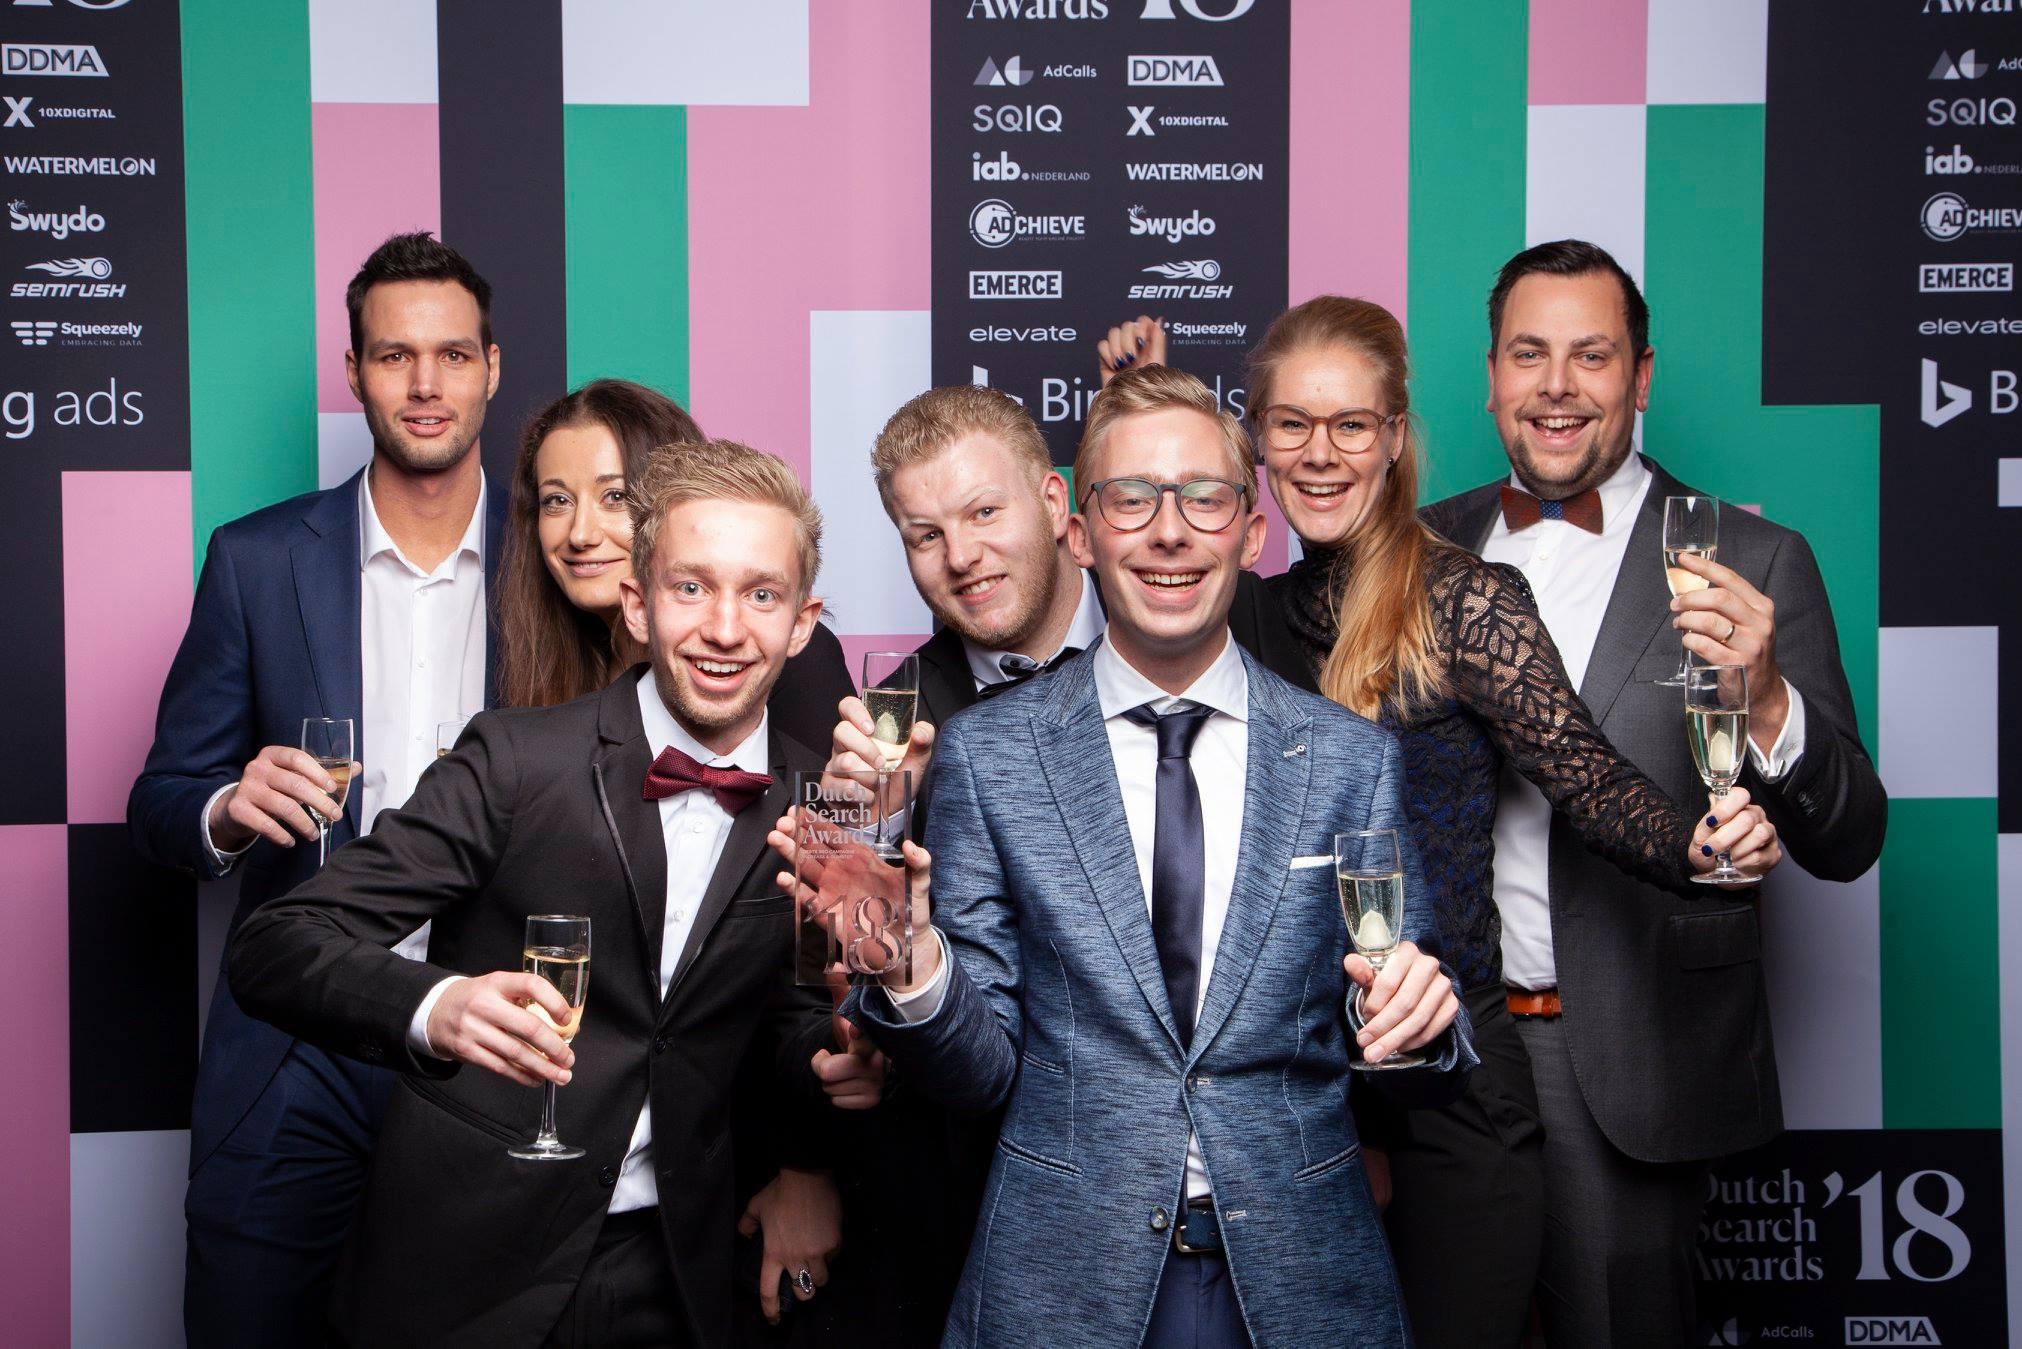 Dutch Search Awards winnaar